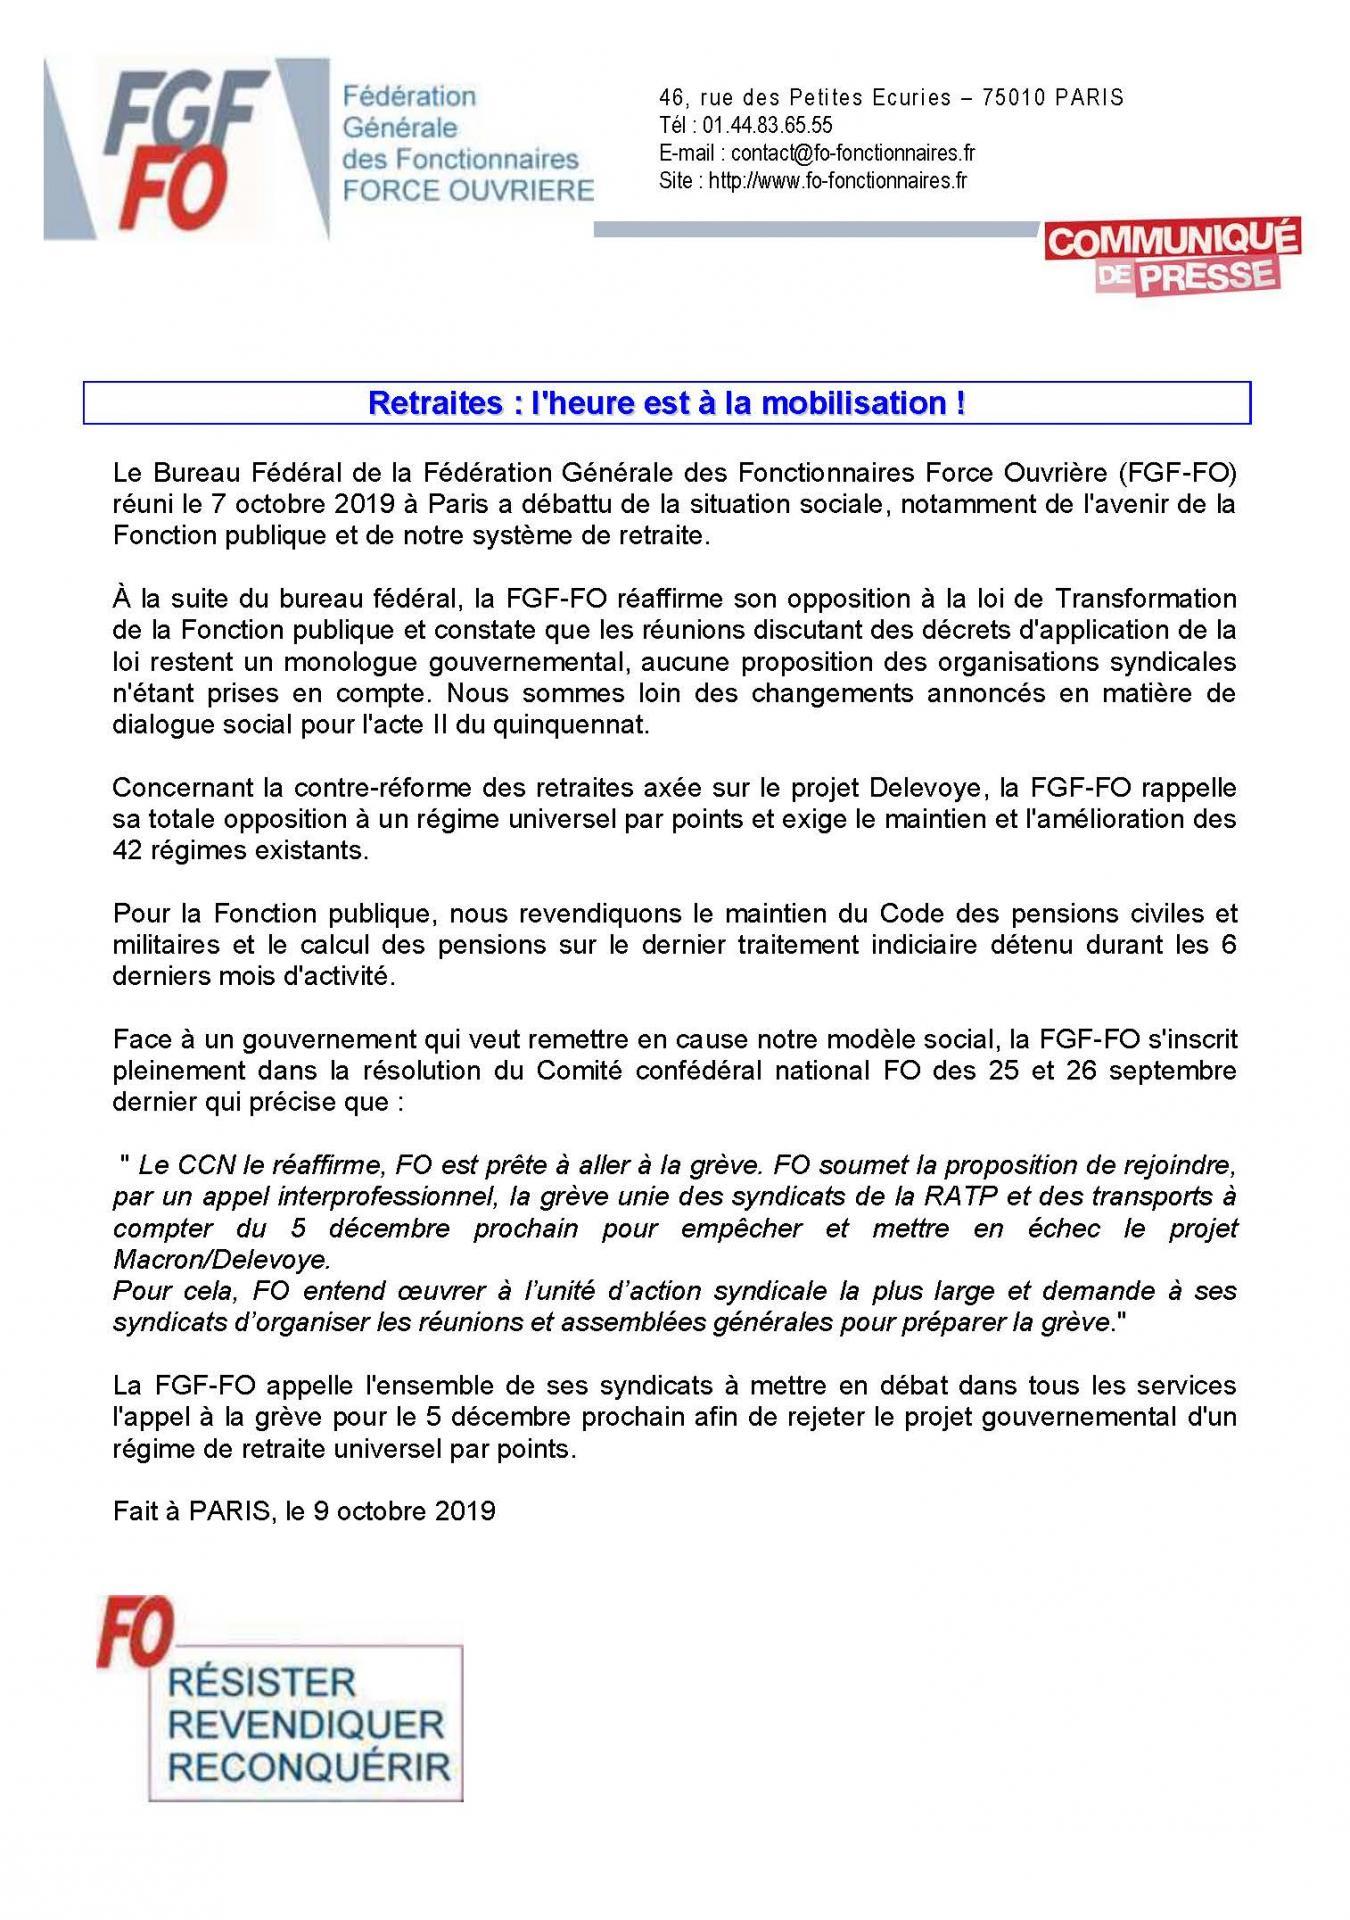 2019 10 09 communique de presse fgf fo retraites l heure est a la mobilisation